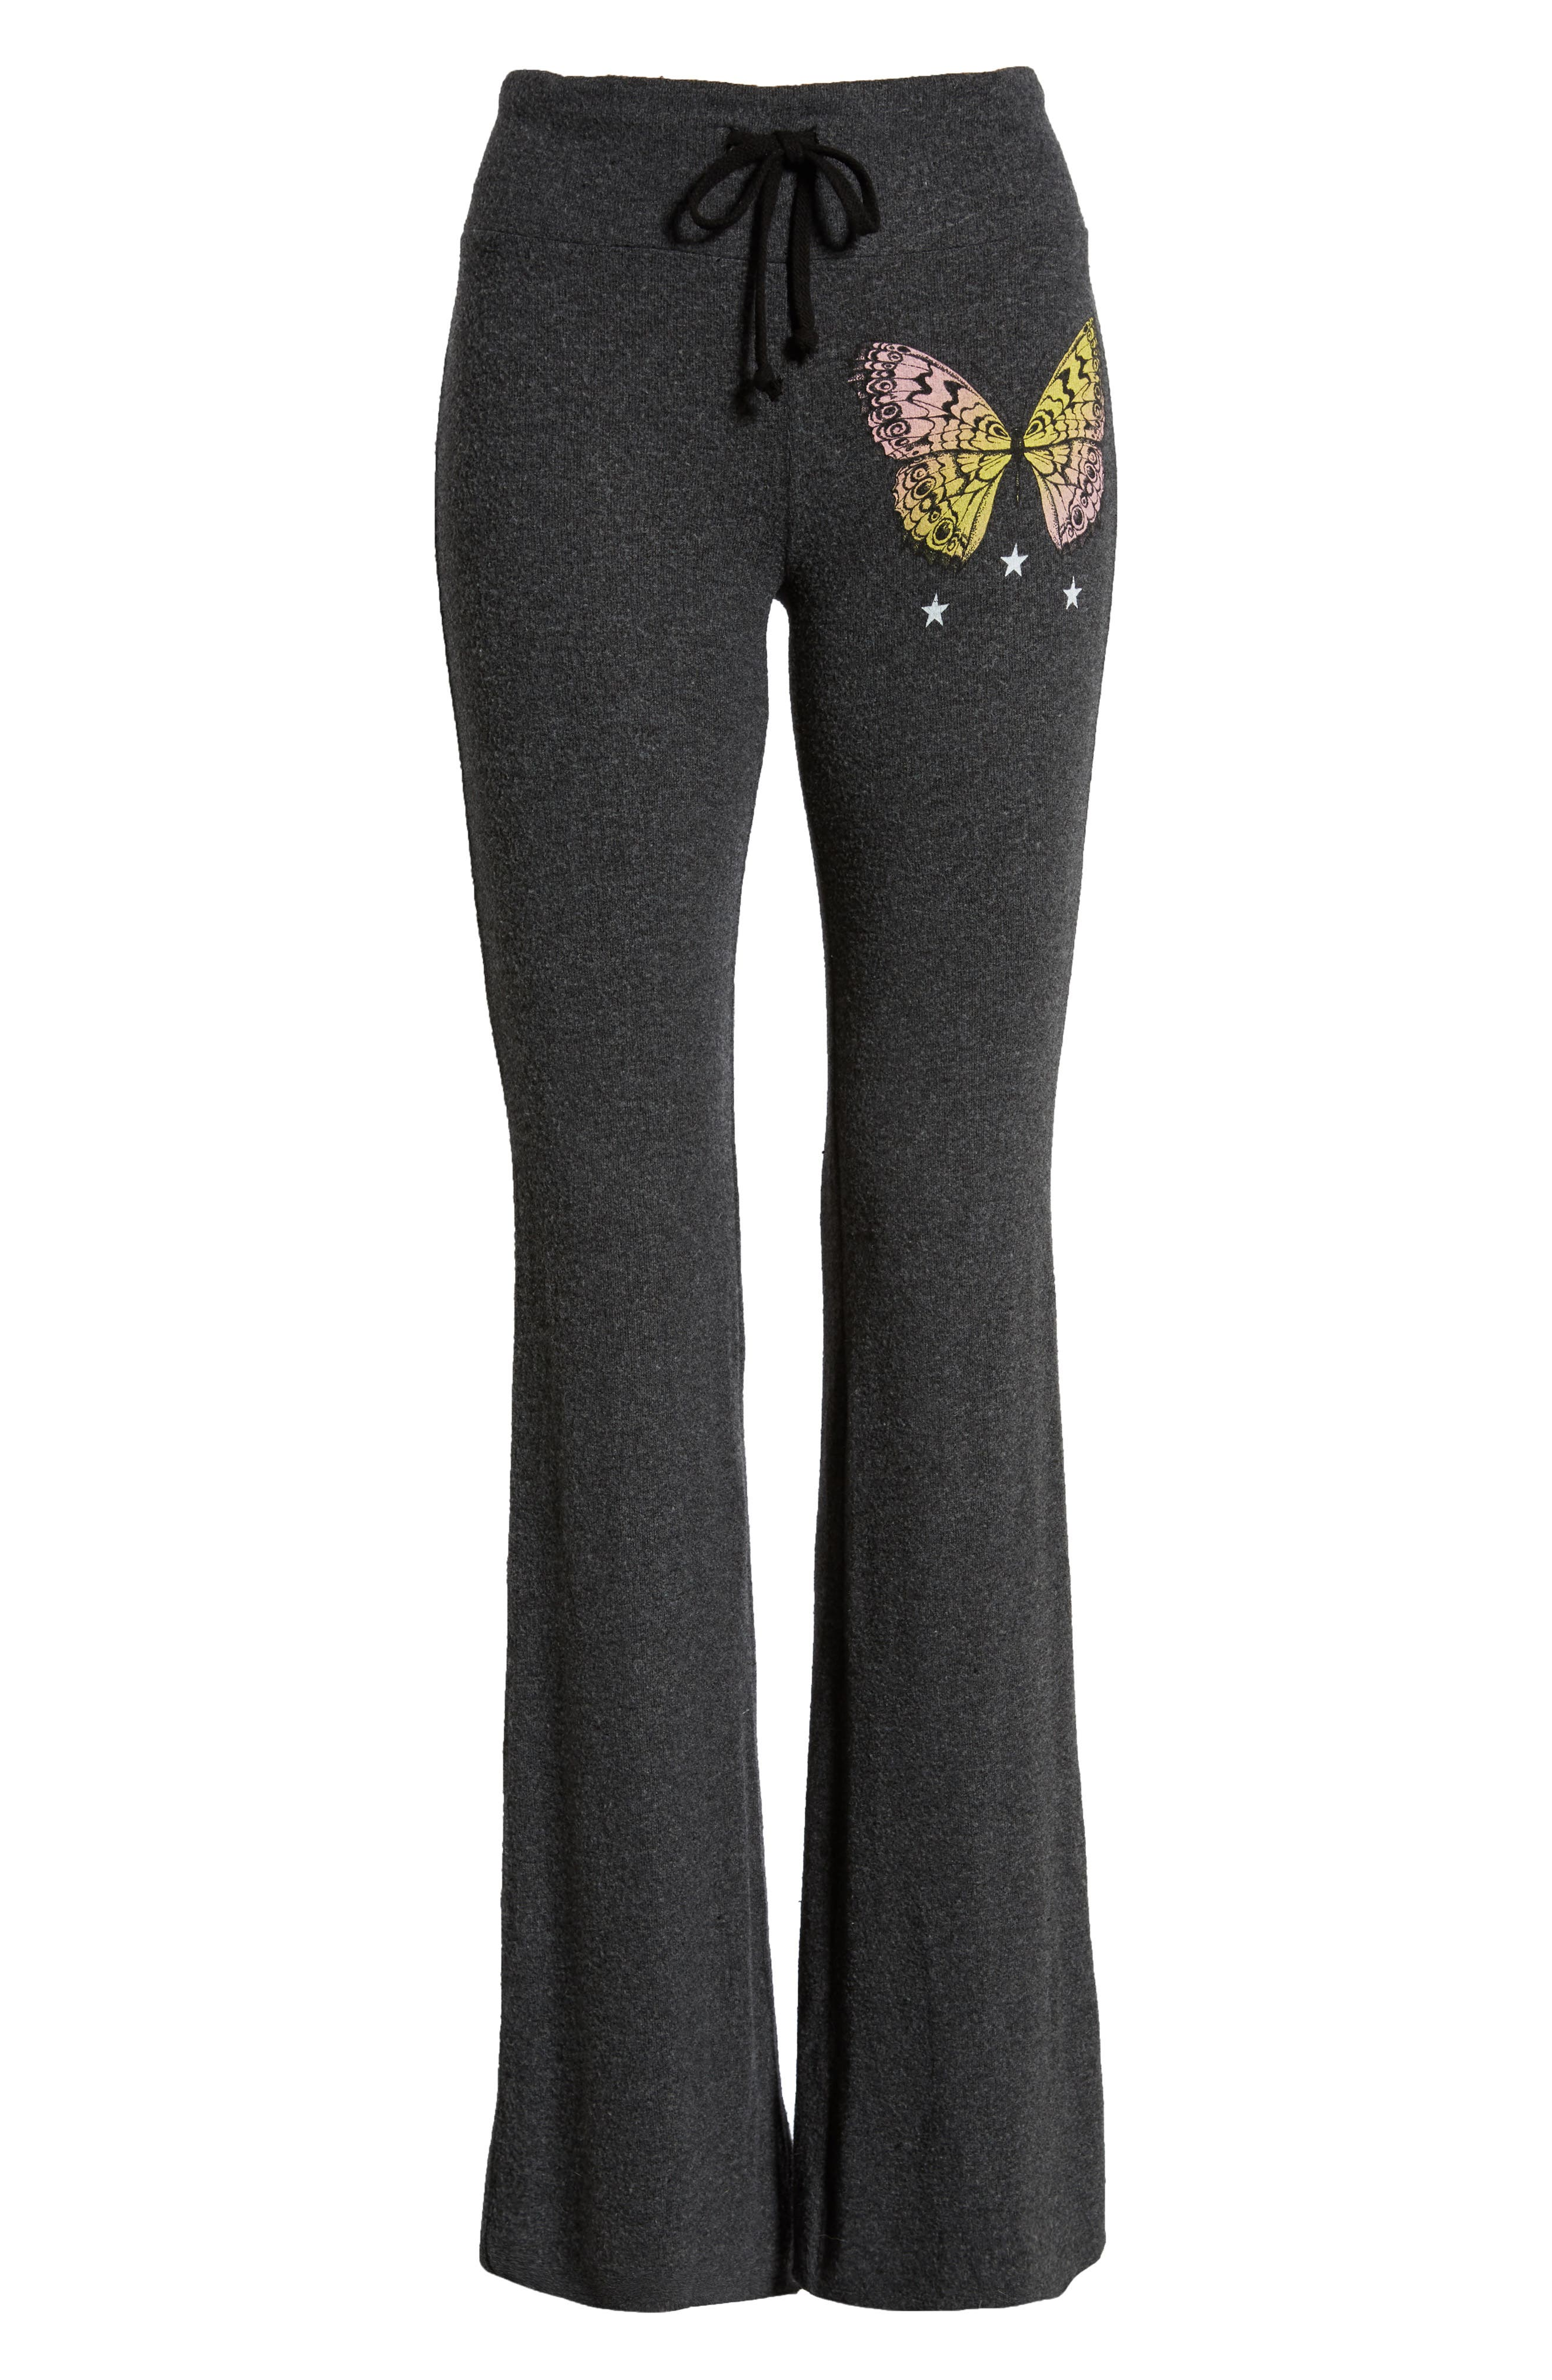 Papillon Tennis Club Fleece Pants,                             Alternate thumbnail 6, color,                             CLEAN BLACK